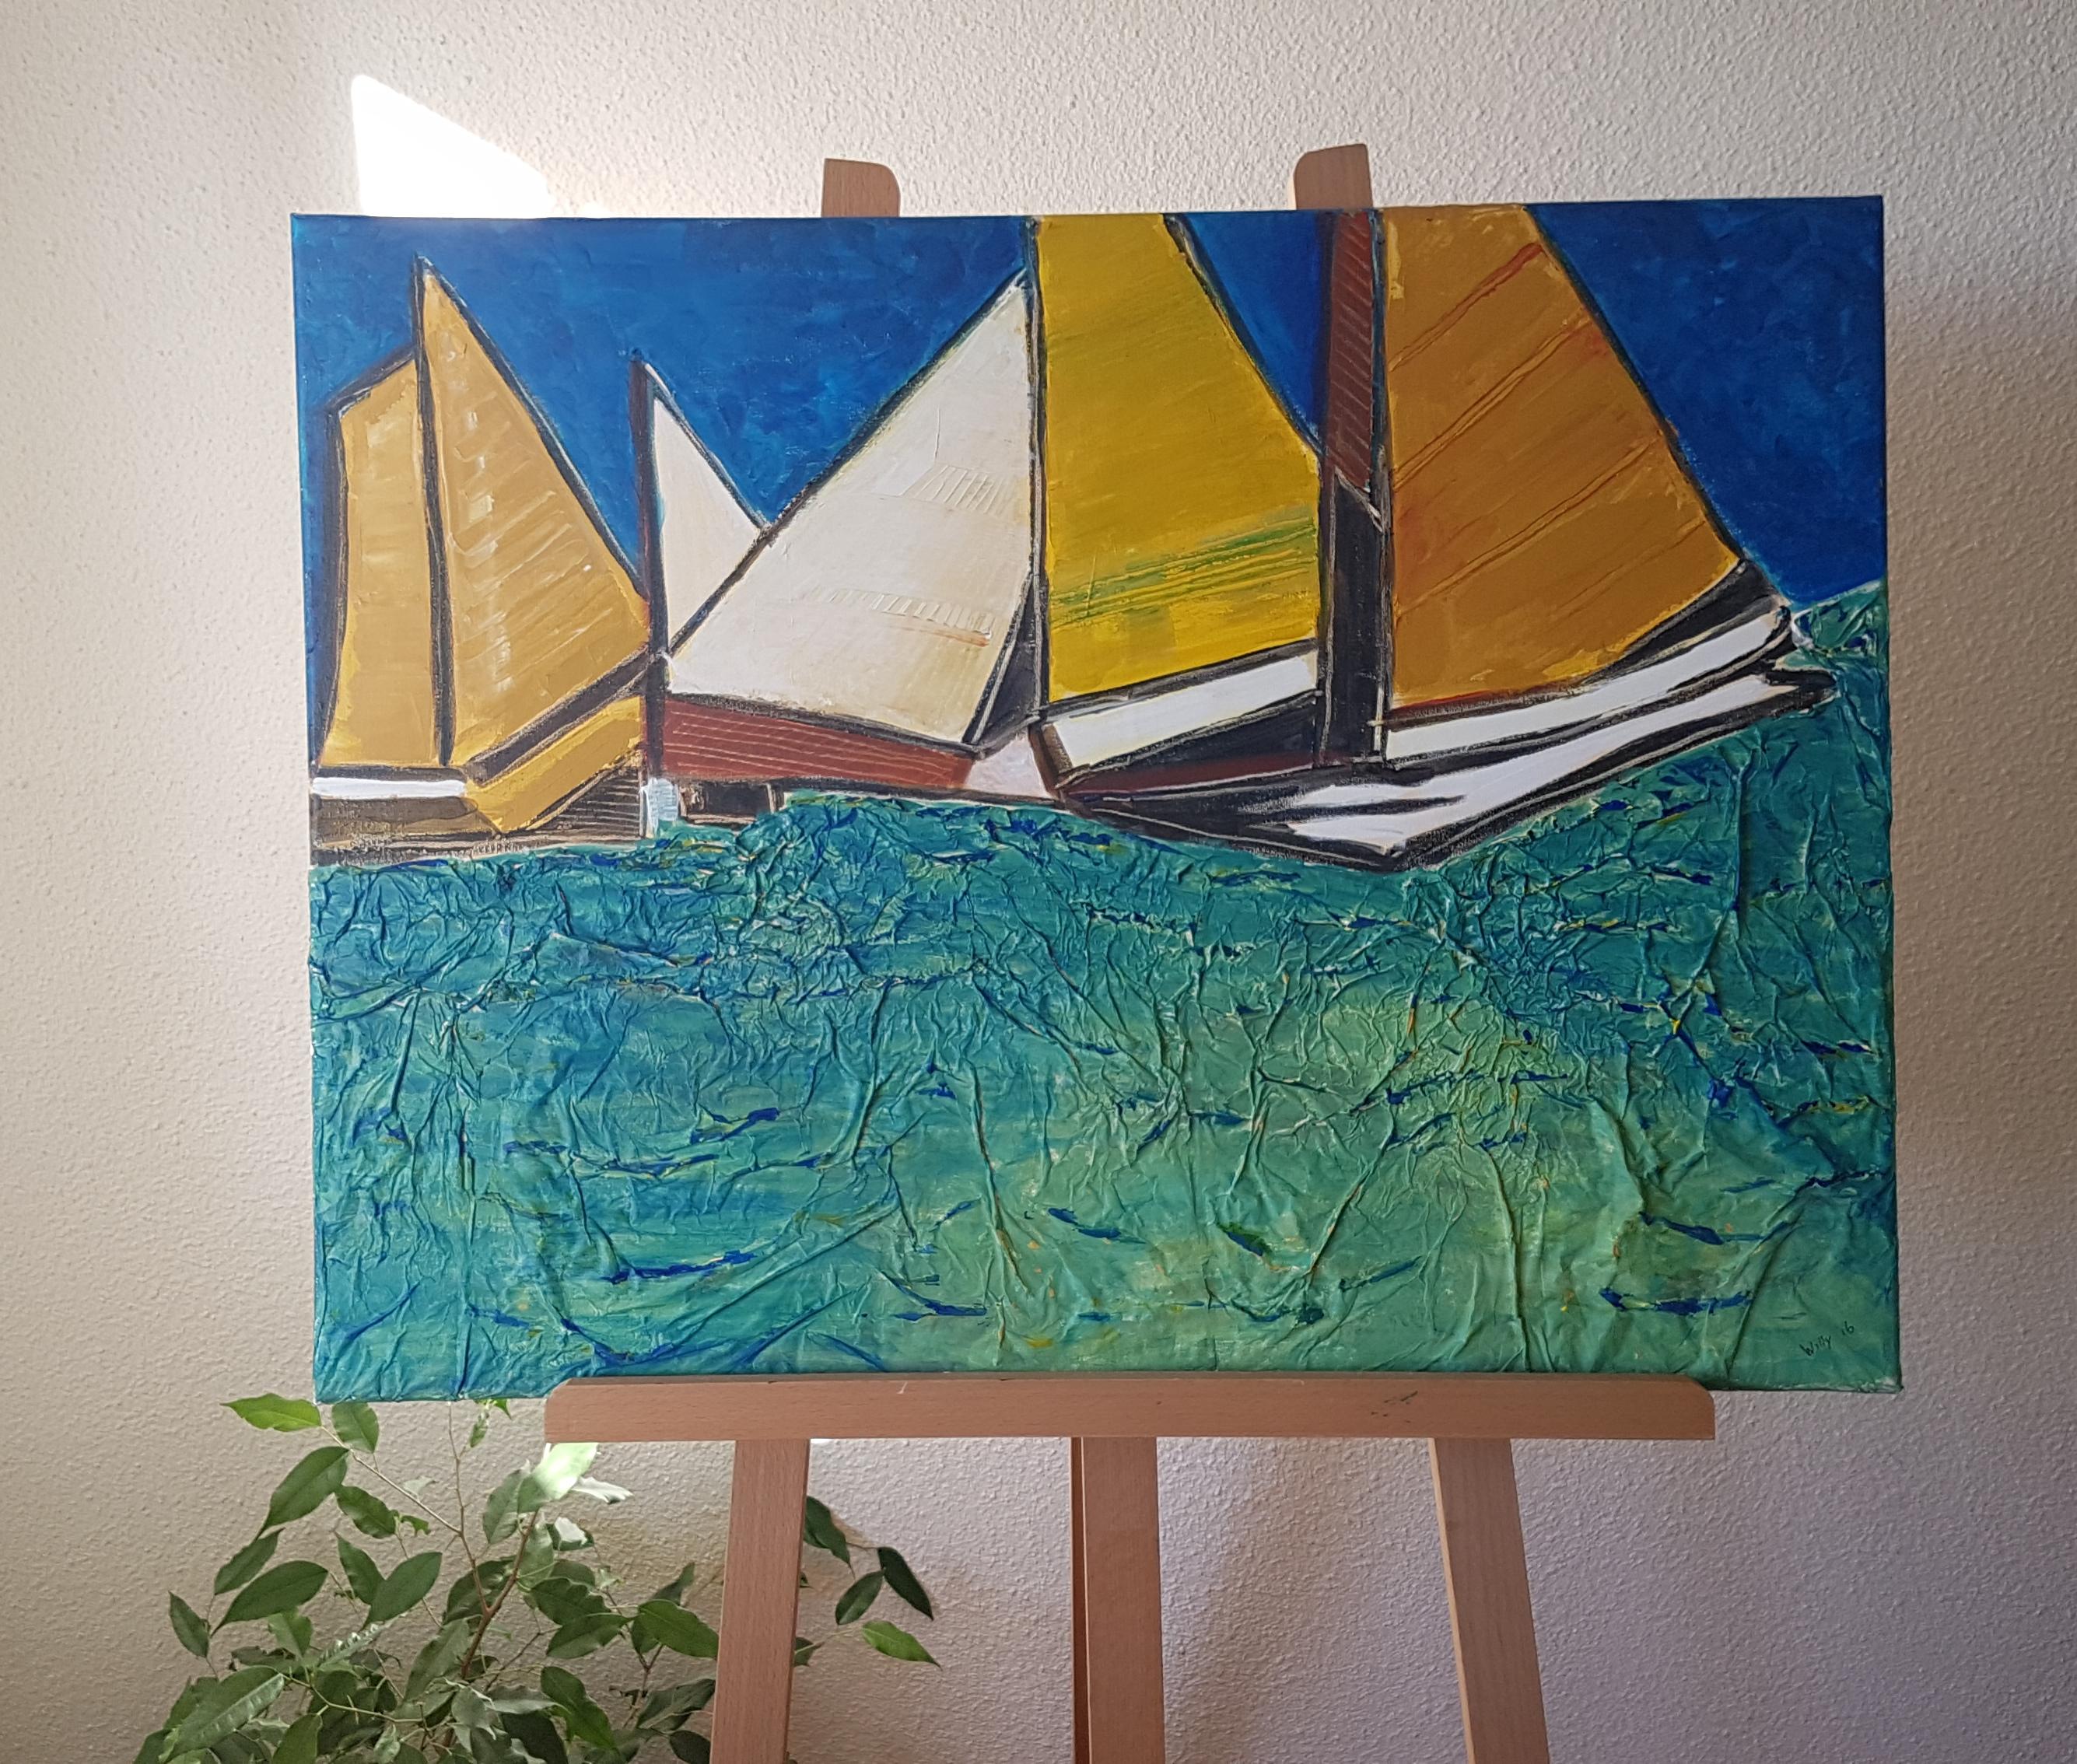 schepen_willy.jpg